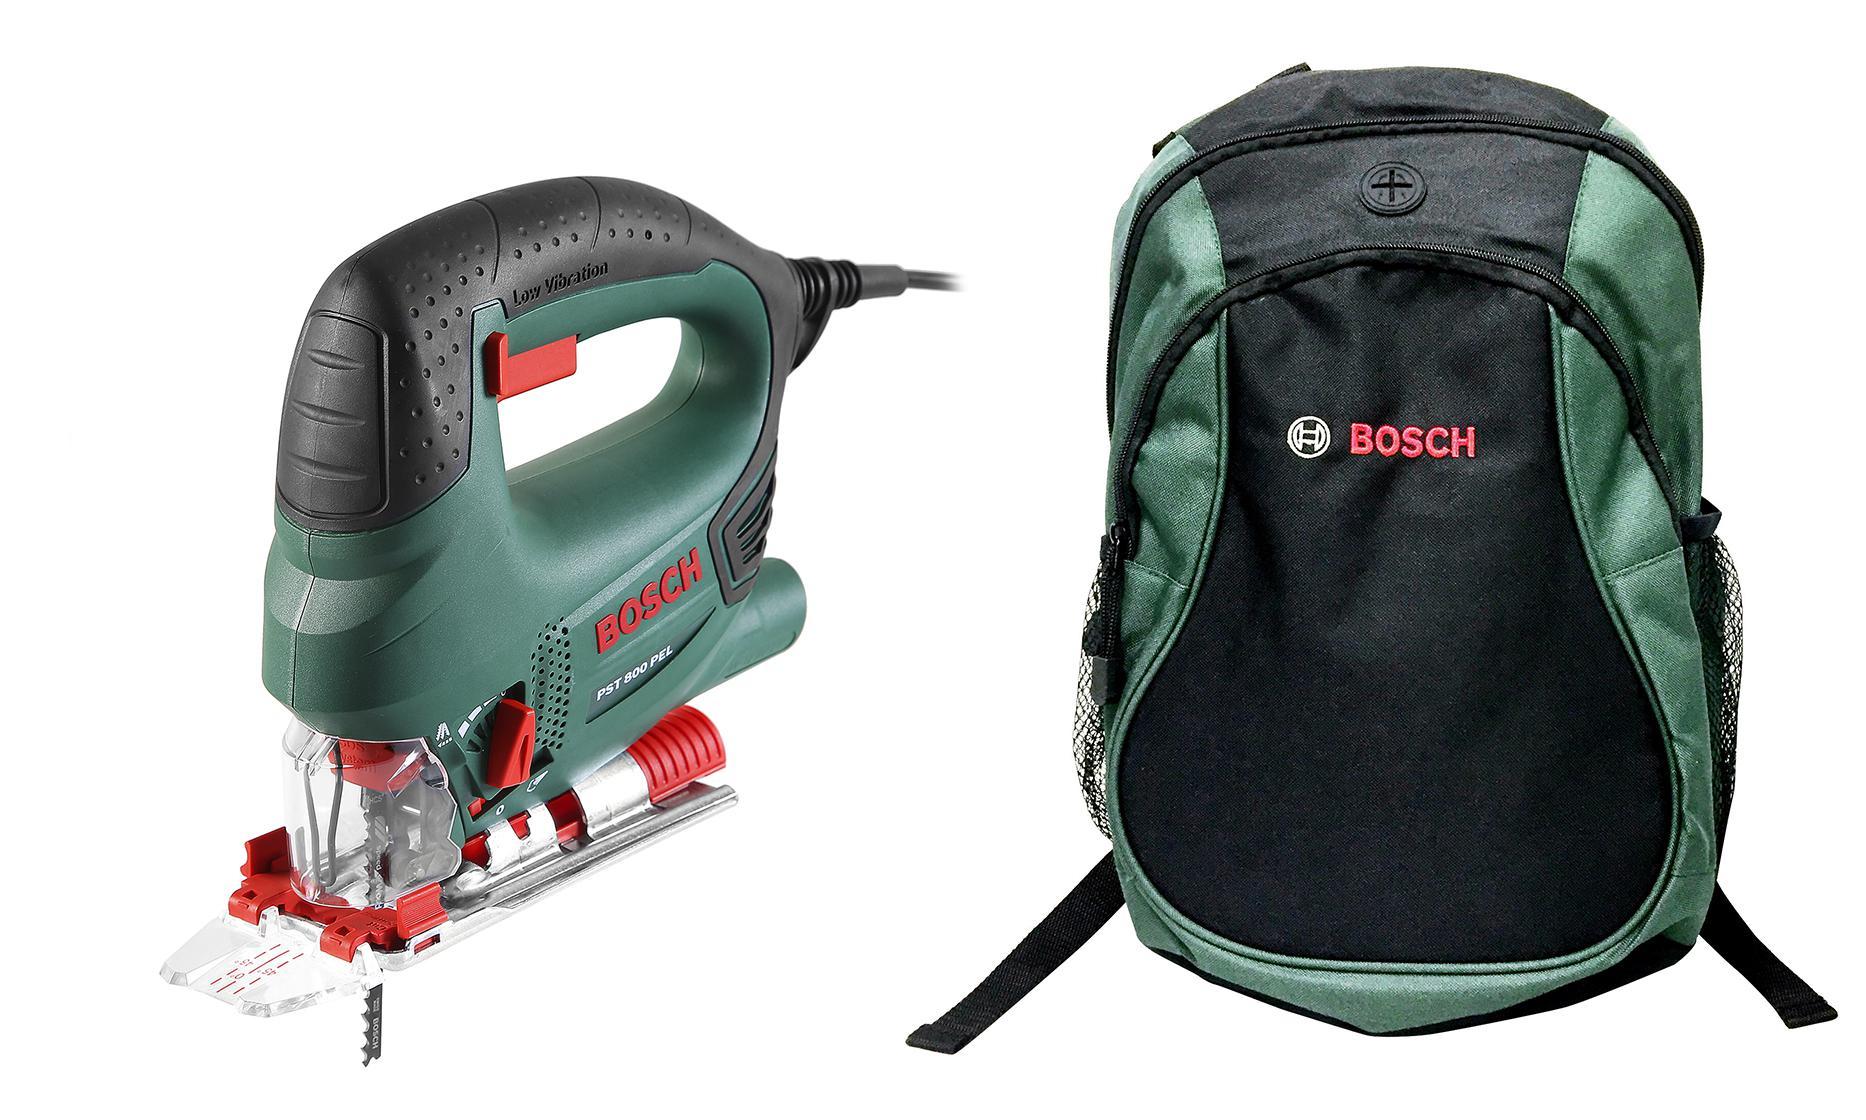 Набор Bosch Лобзик pst 800 pel compact (0.603.3a0.120) +Рюкзак green (1619g45200)